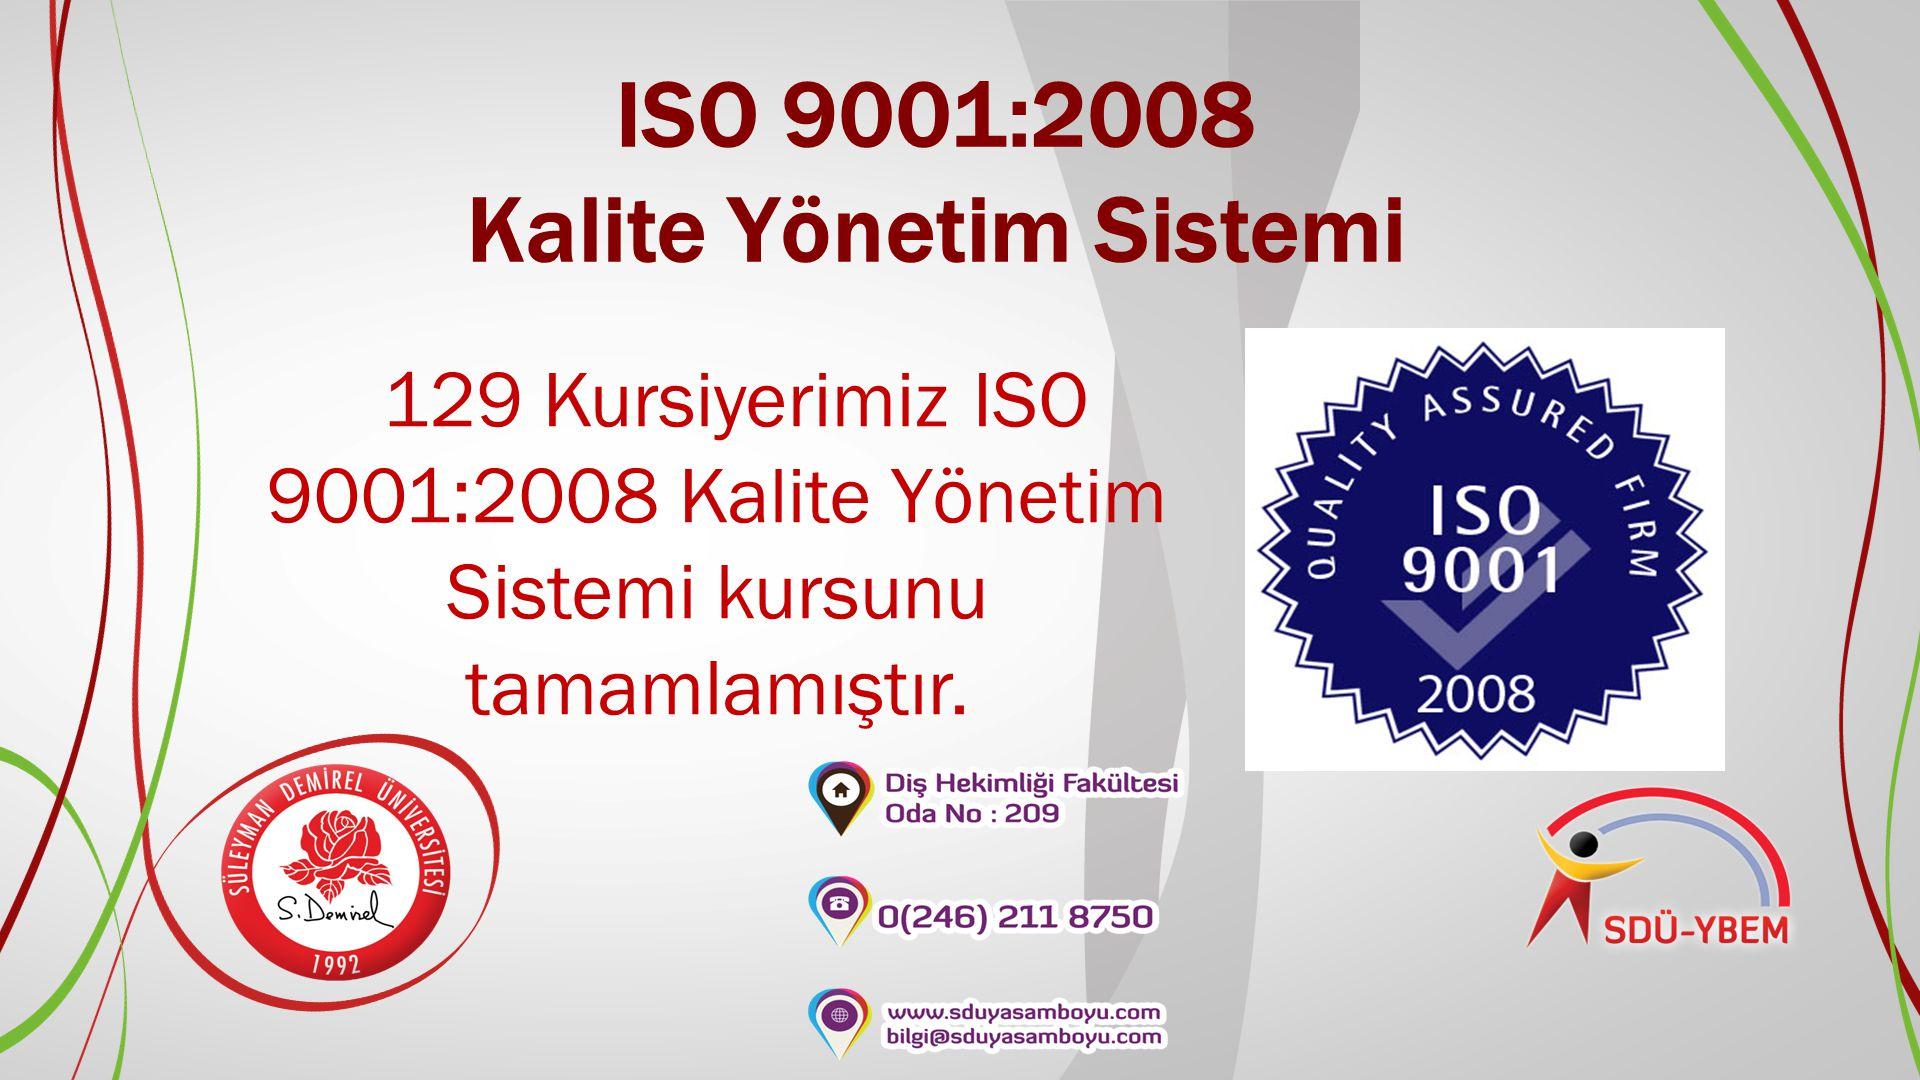 ISO 9001:2008 Kalite Yönetim Sistemi 129 Kursiyerimiz ISO 9001:2008 Kalite Yönetim Sistemi kursunu tamamlamıştır.